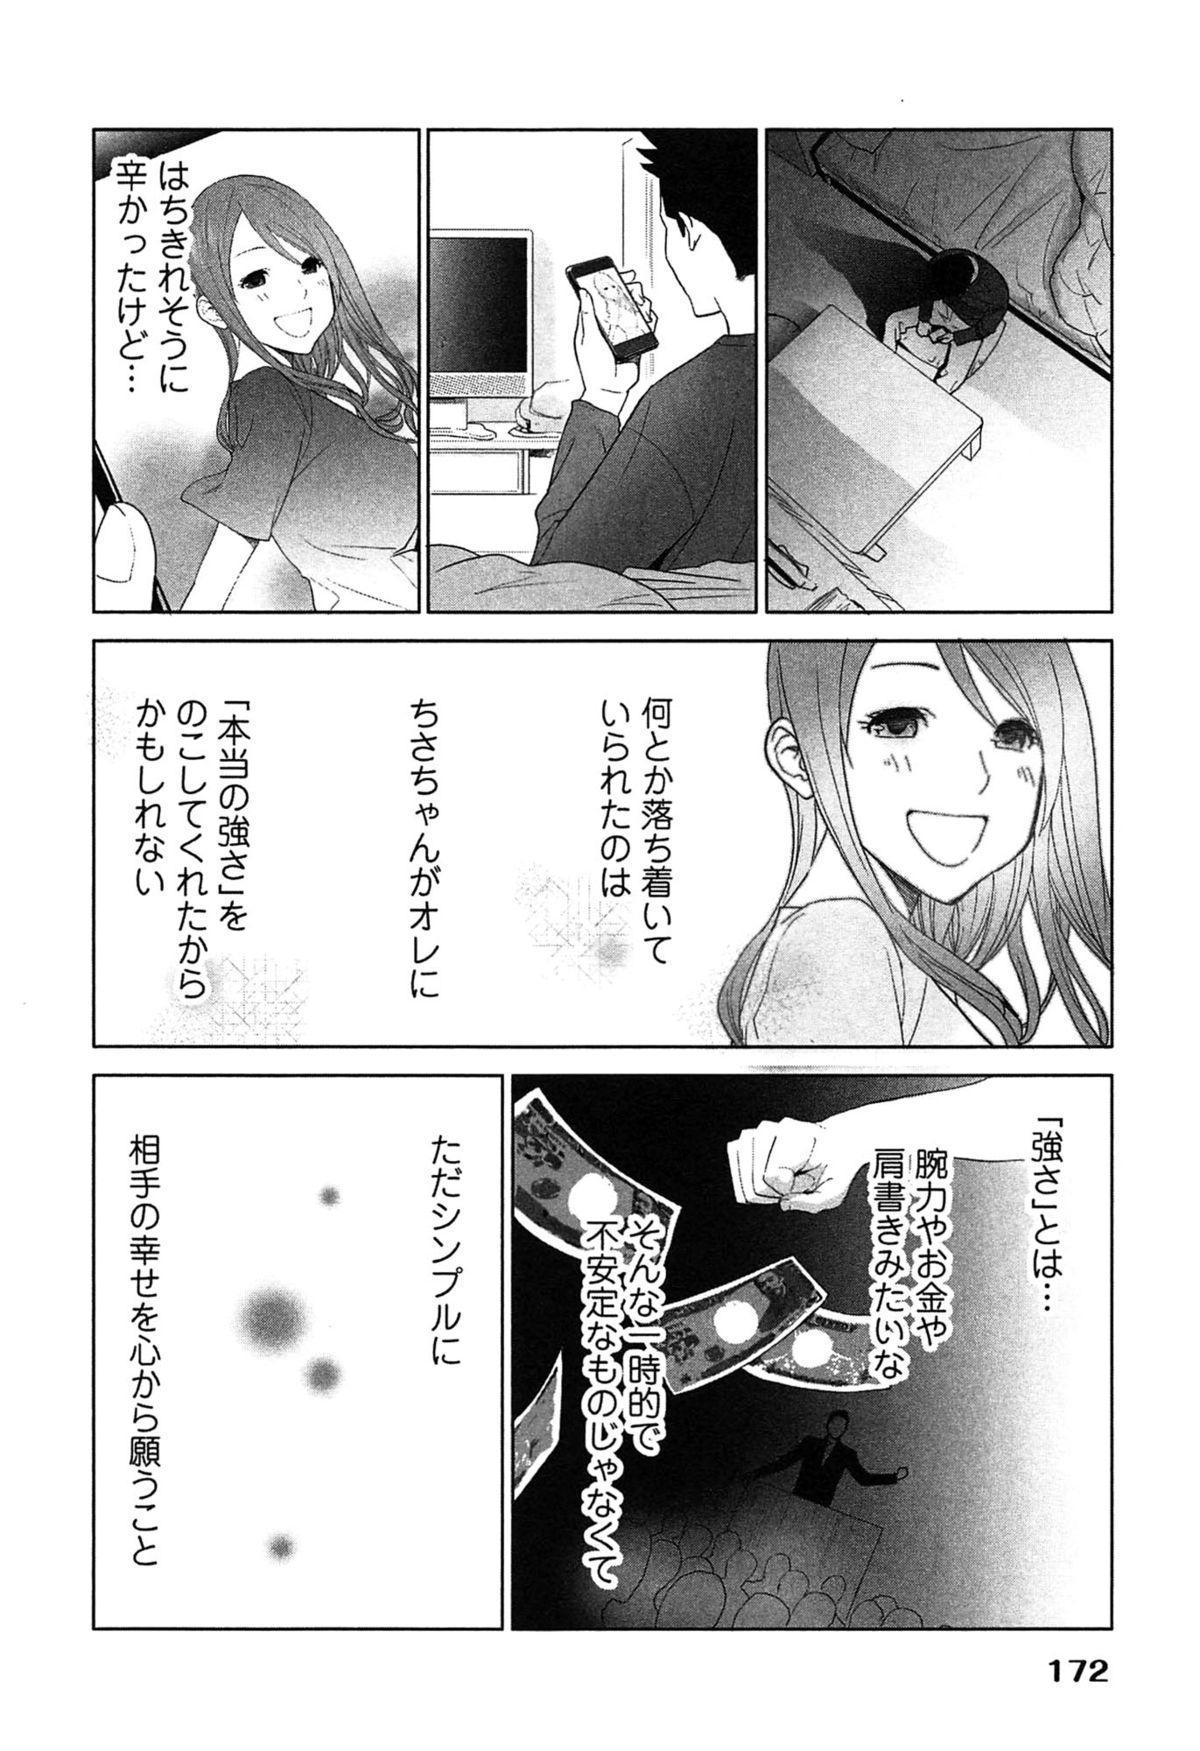 Megami to Ichinen Kura Shite Mita. 2 175